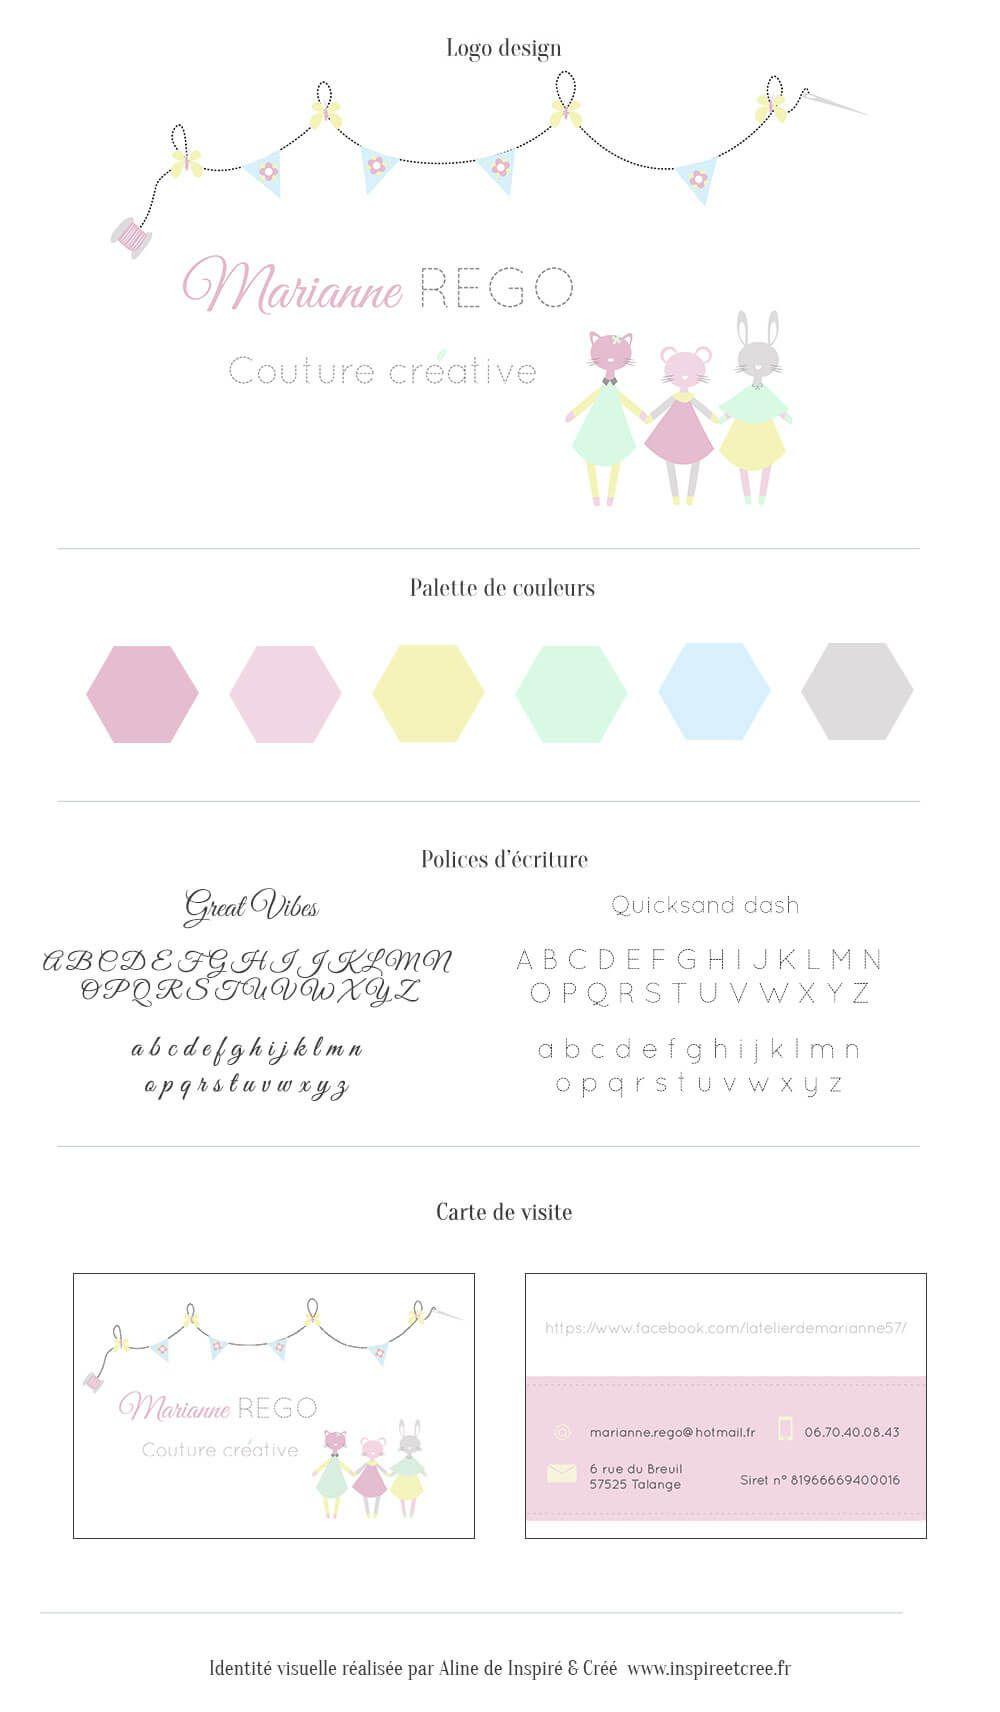 Cration Identit Visuelle Logo Carte De Visite Pour Boutique Artisanale Crateur